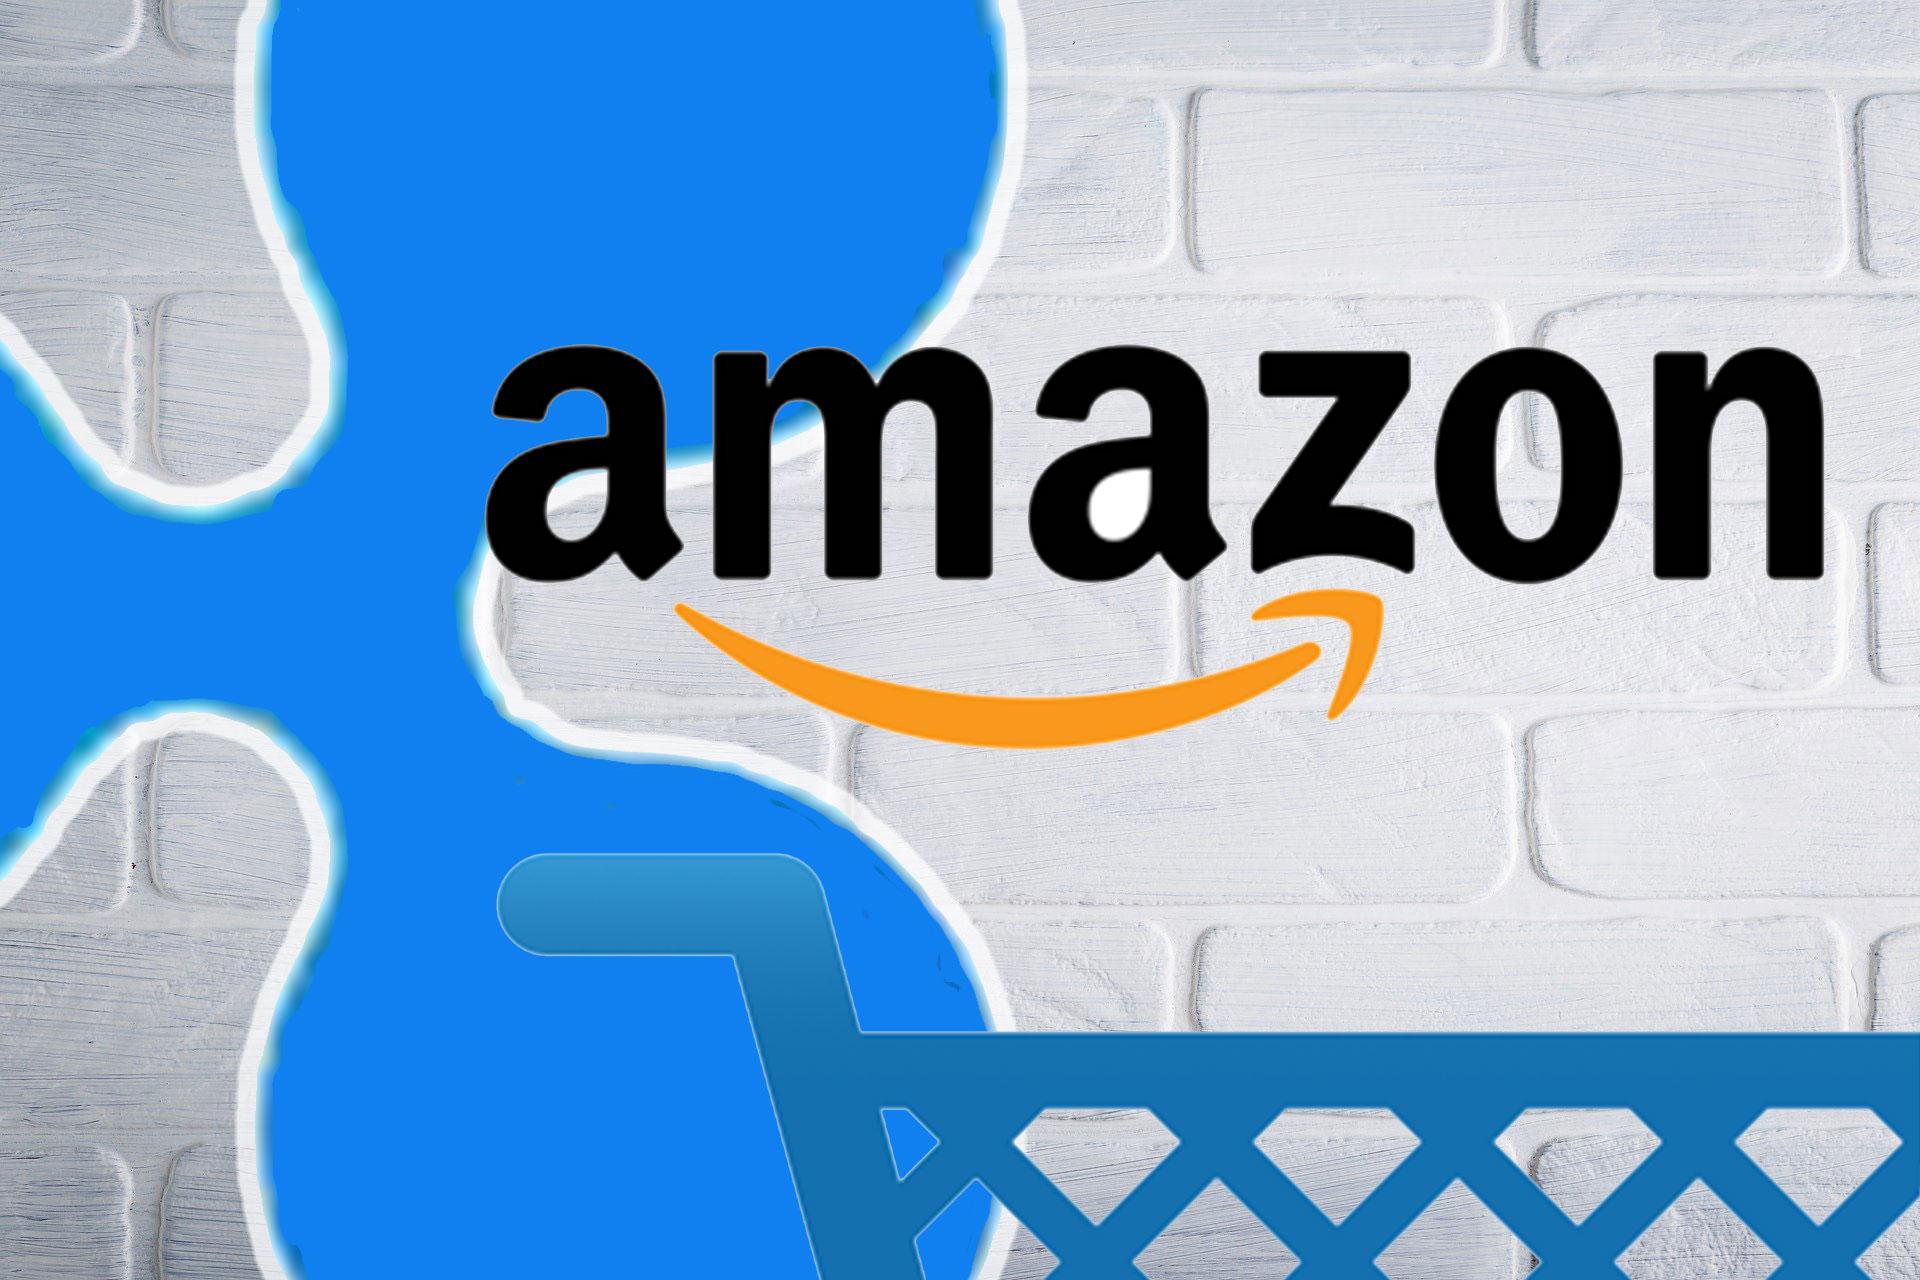 AmazonでRipple XRPを使用して買い物をすることが間もなく可能!